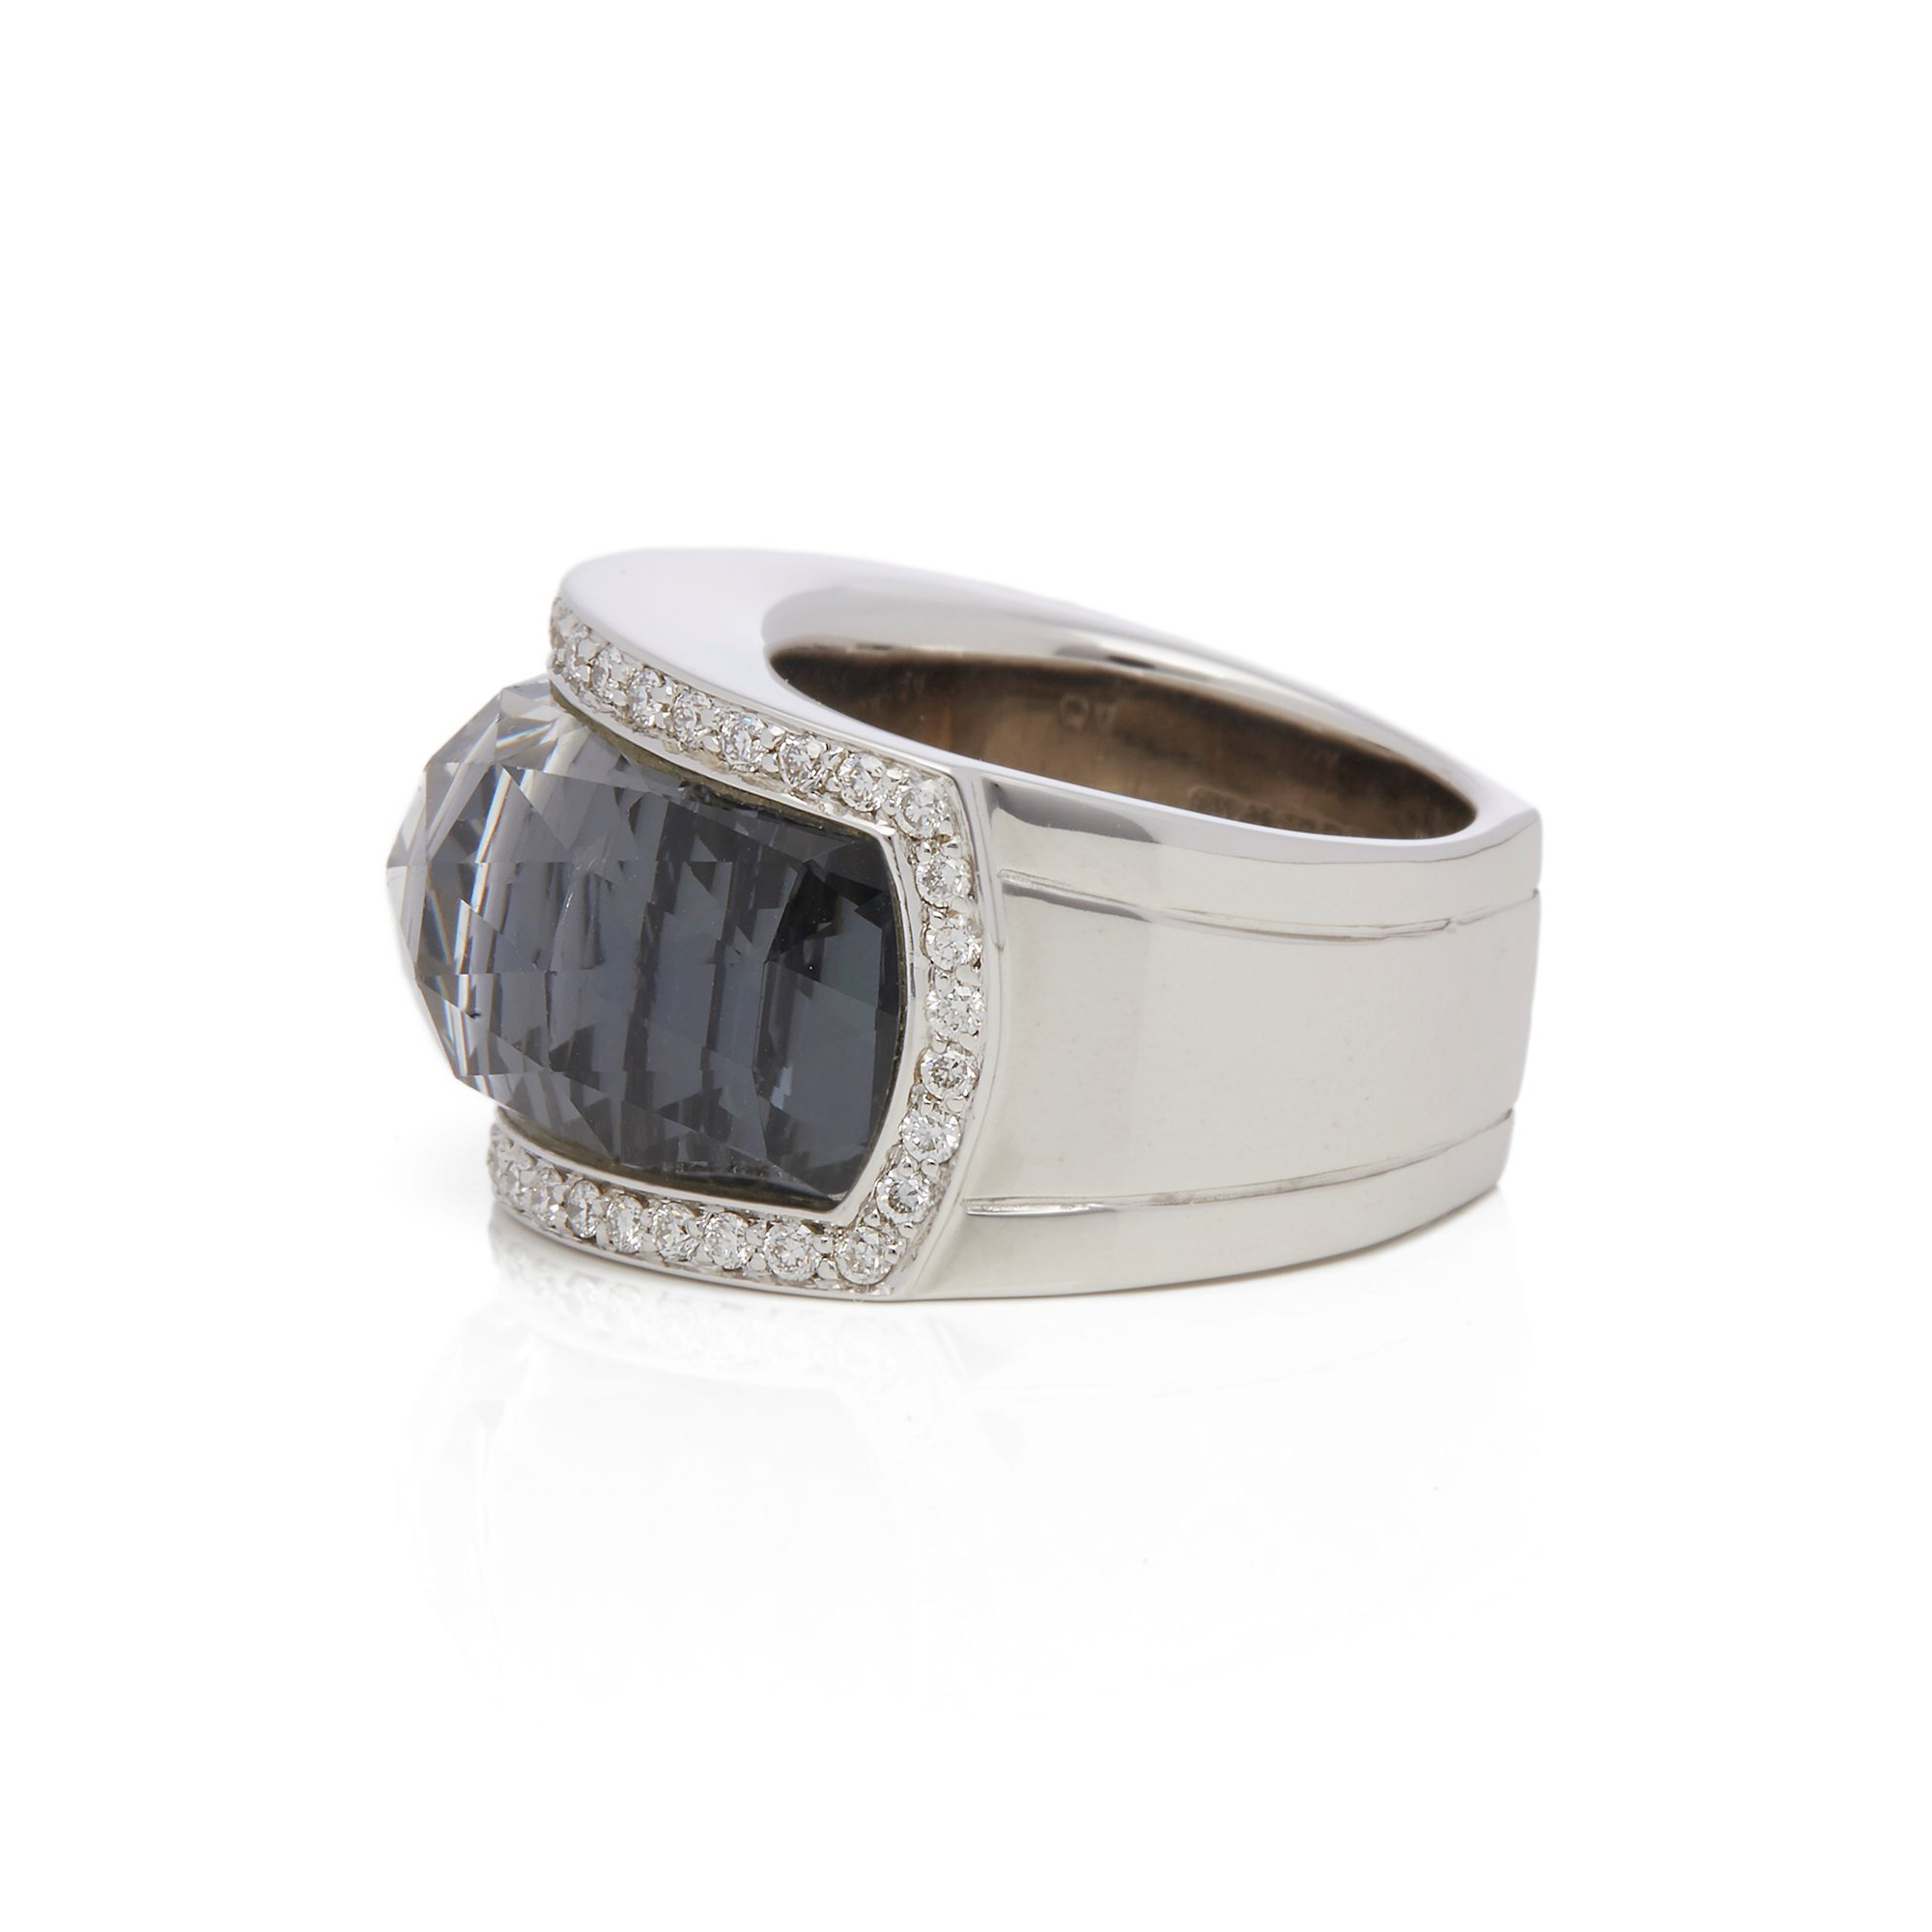 Stephen Webster 18k White Gold Hematite & Diamond Jelly Bean Ring